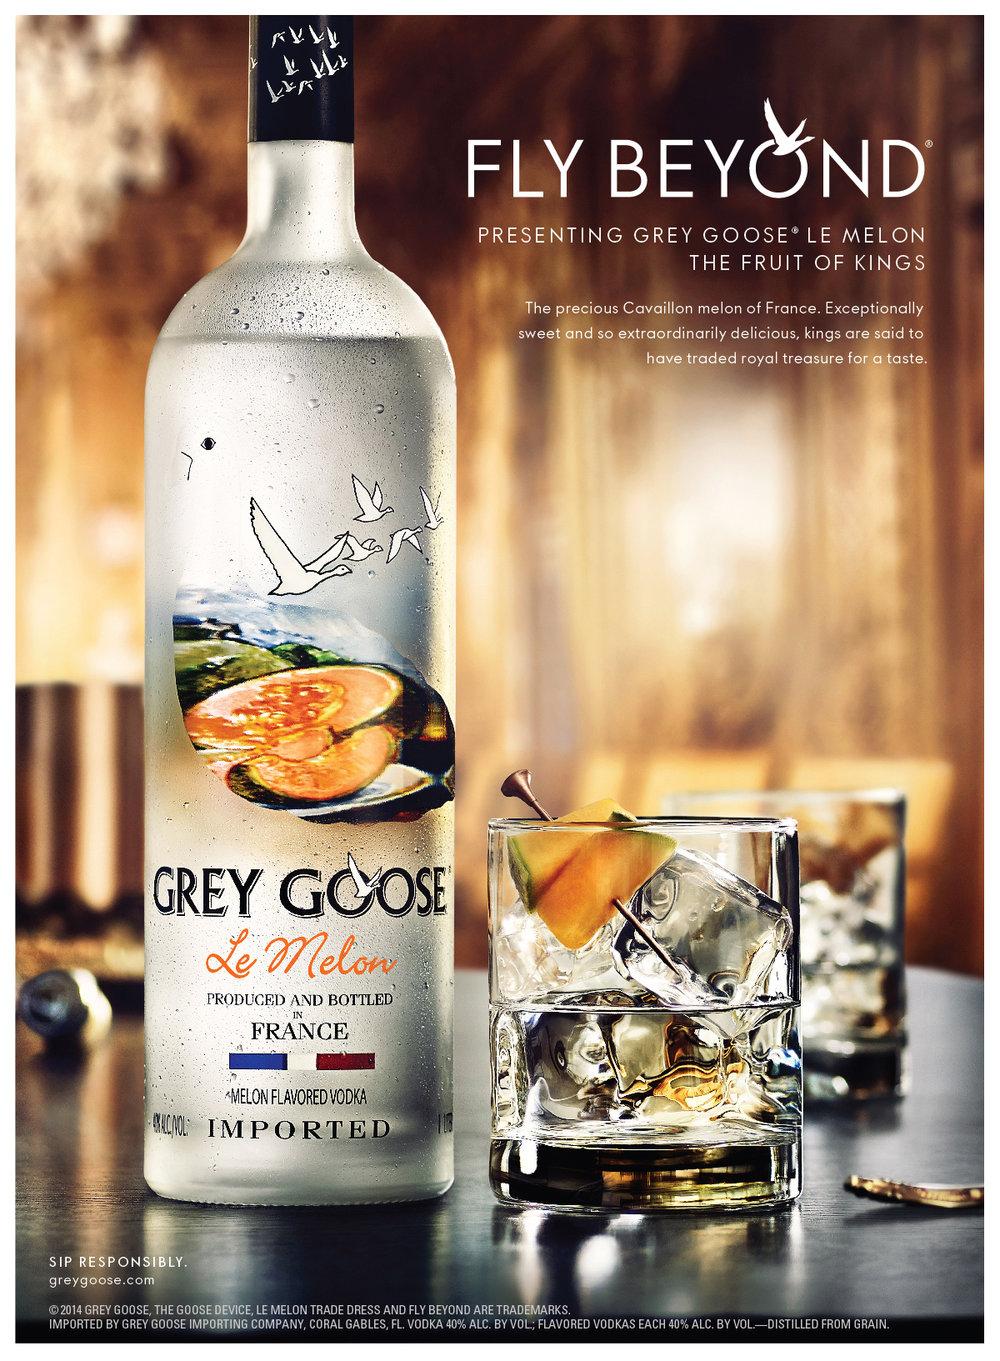 GREY GOOSE Le Melon Print Creative.jpg